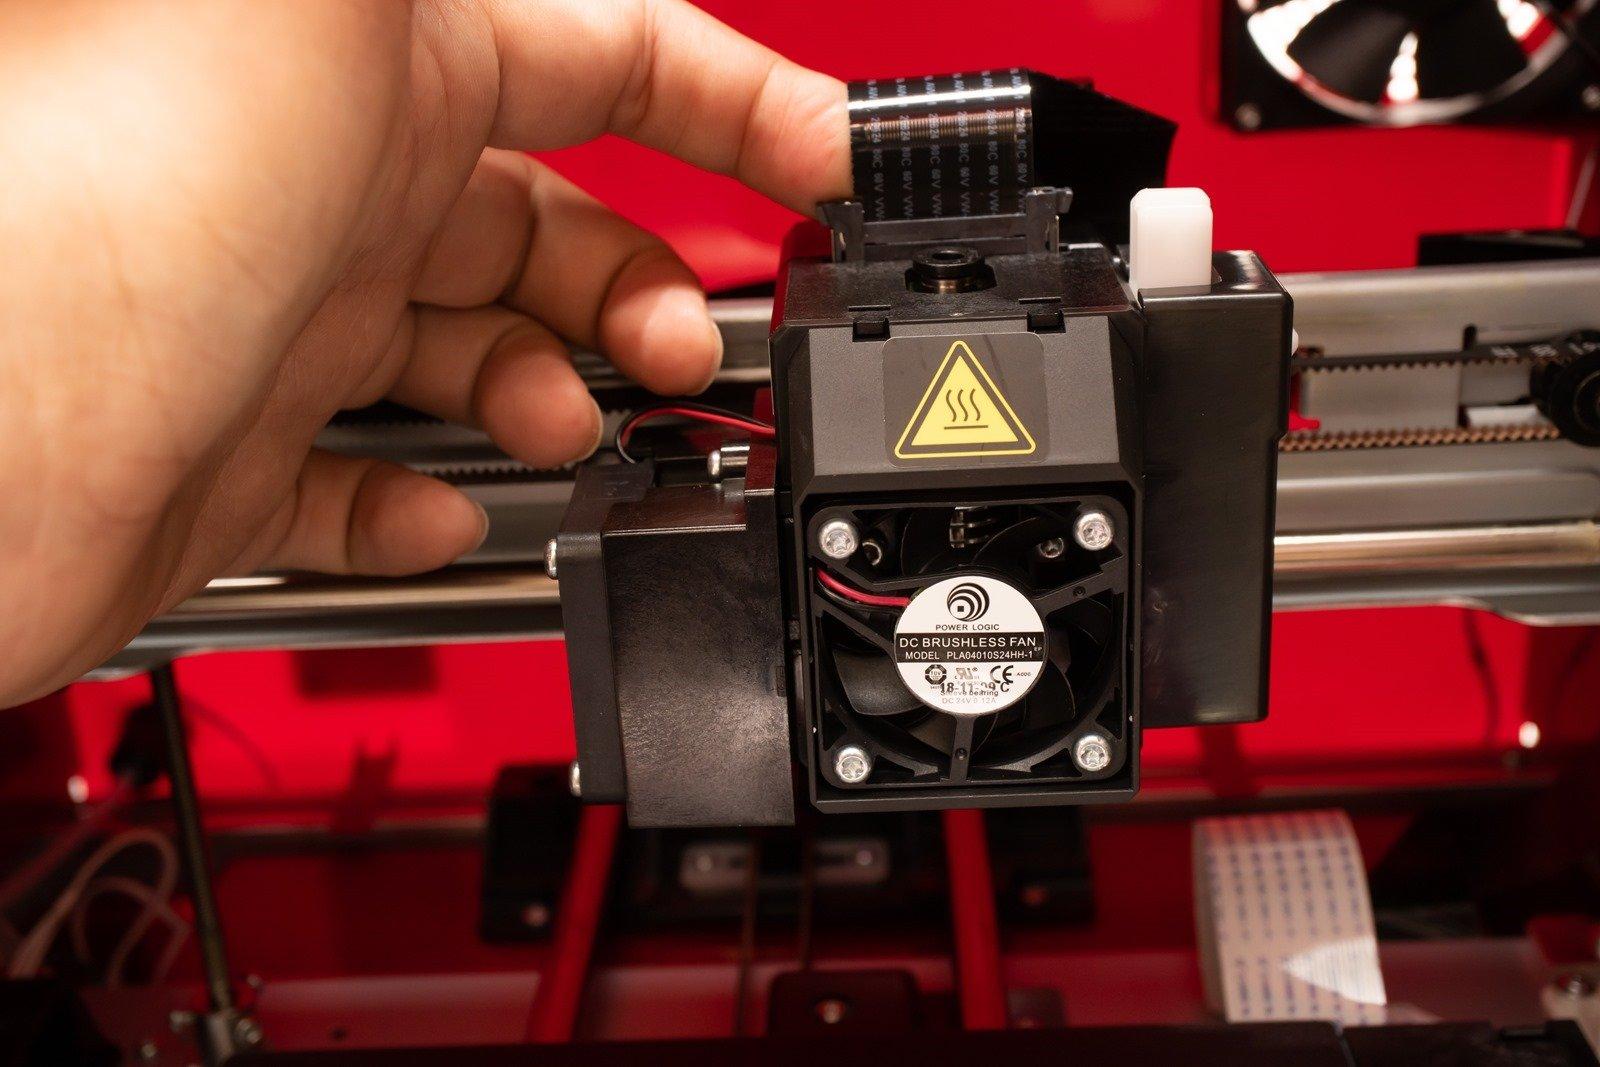 多功能3D列印機-da Vinci Jr. Pro X+,模組化與快拆的設計讓噴頭更方便更換與維護